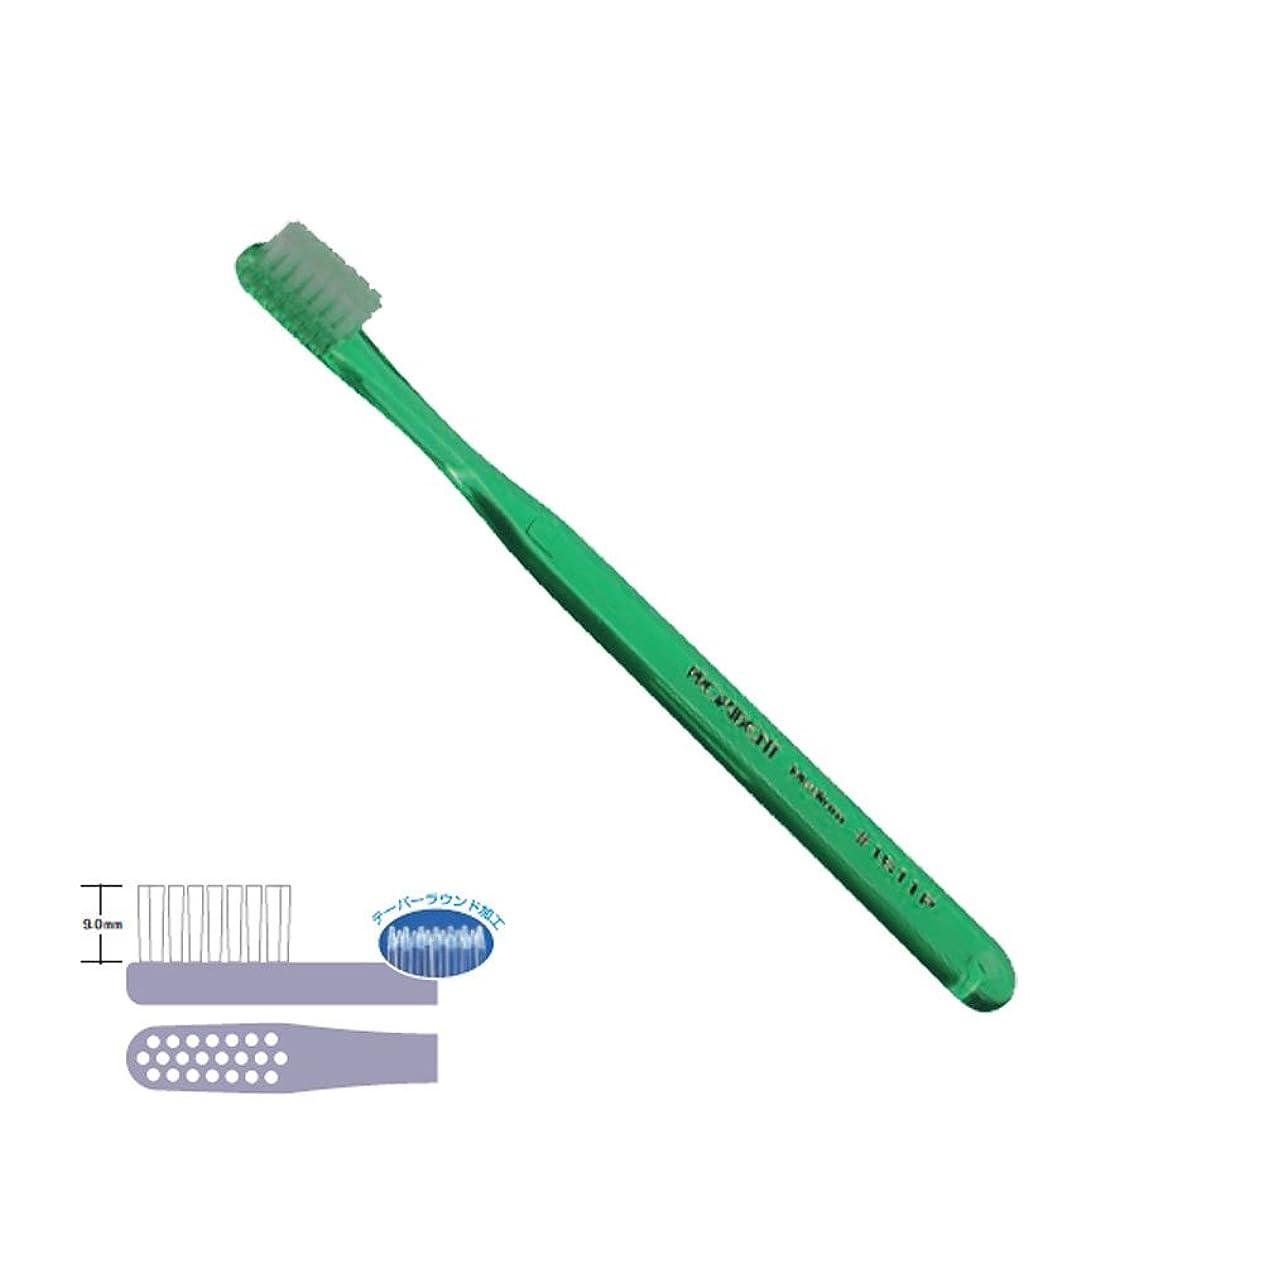 放射するロビー予防接種プローデント プロキシデント #1611P 歯ブラシ 50本入 10本 × 5色 【コンパクトヘッド】【ミディアム】【キャップ付】